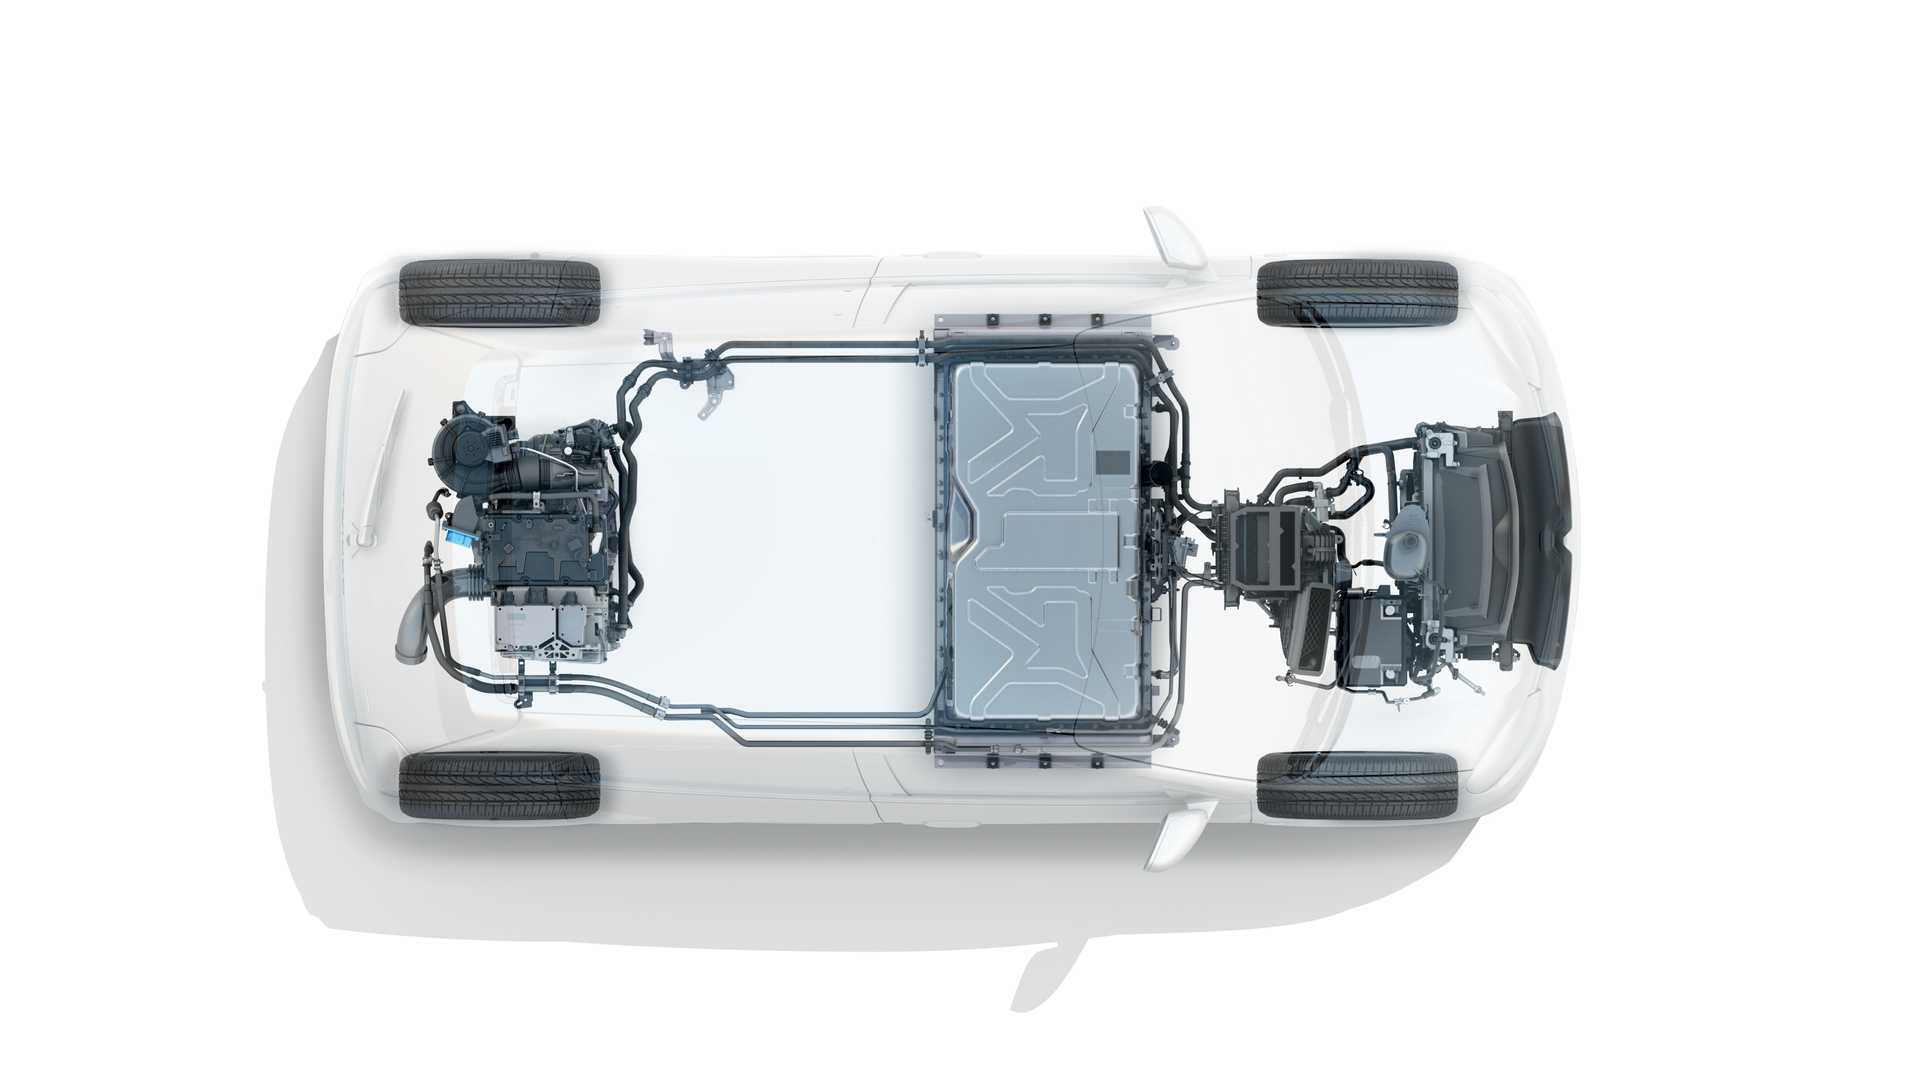 Благодаря литий-ионному аккумулятору емкостью 22 кВтч и весом 165 кг автомобиль способен преодолеть до 250 км (WLTP City)